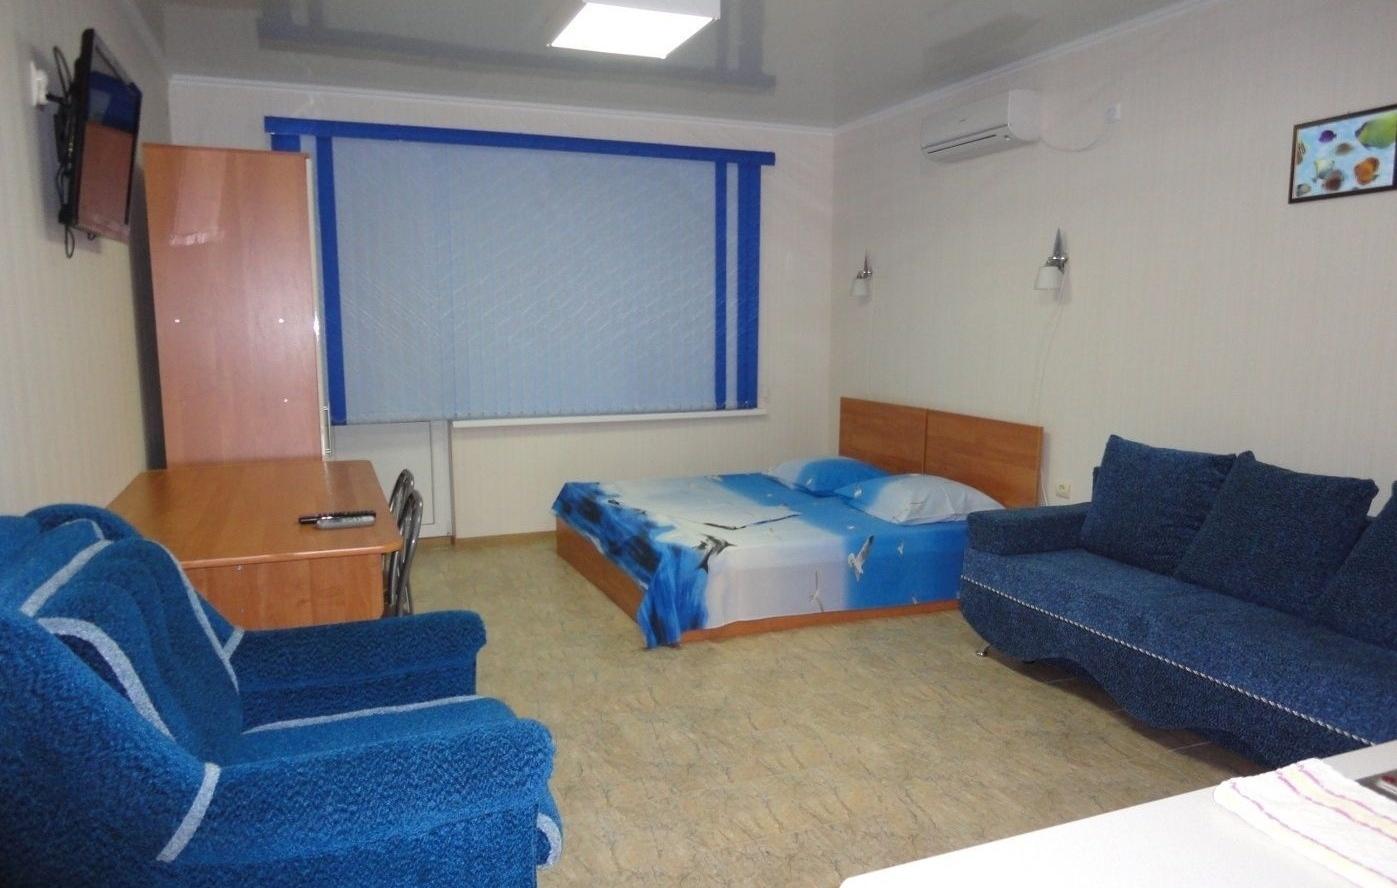 База отдыха «Юный каспиец» Астраханская область 2-местный номер на втором этаже корпуса «Юнга», фото 1